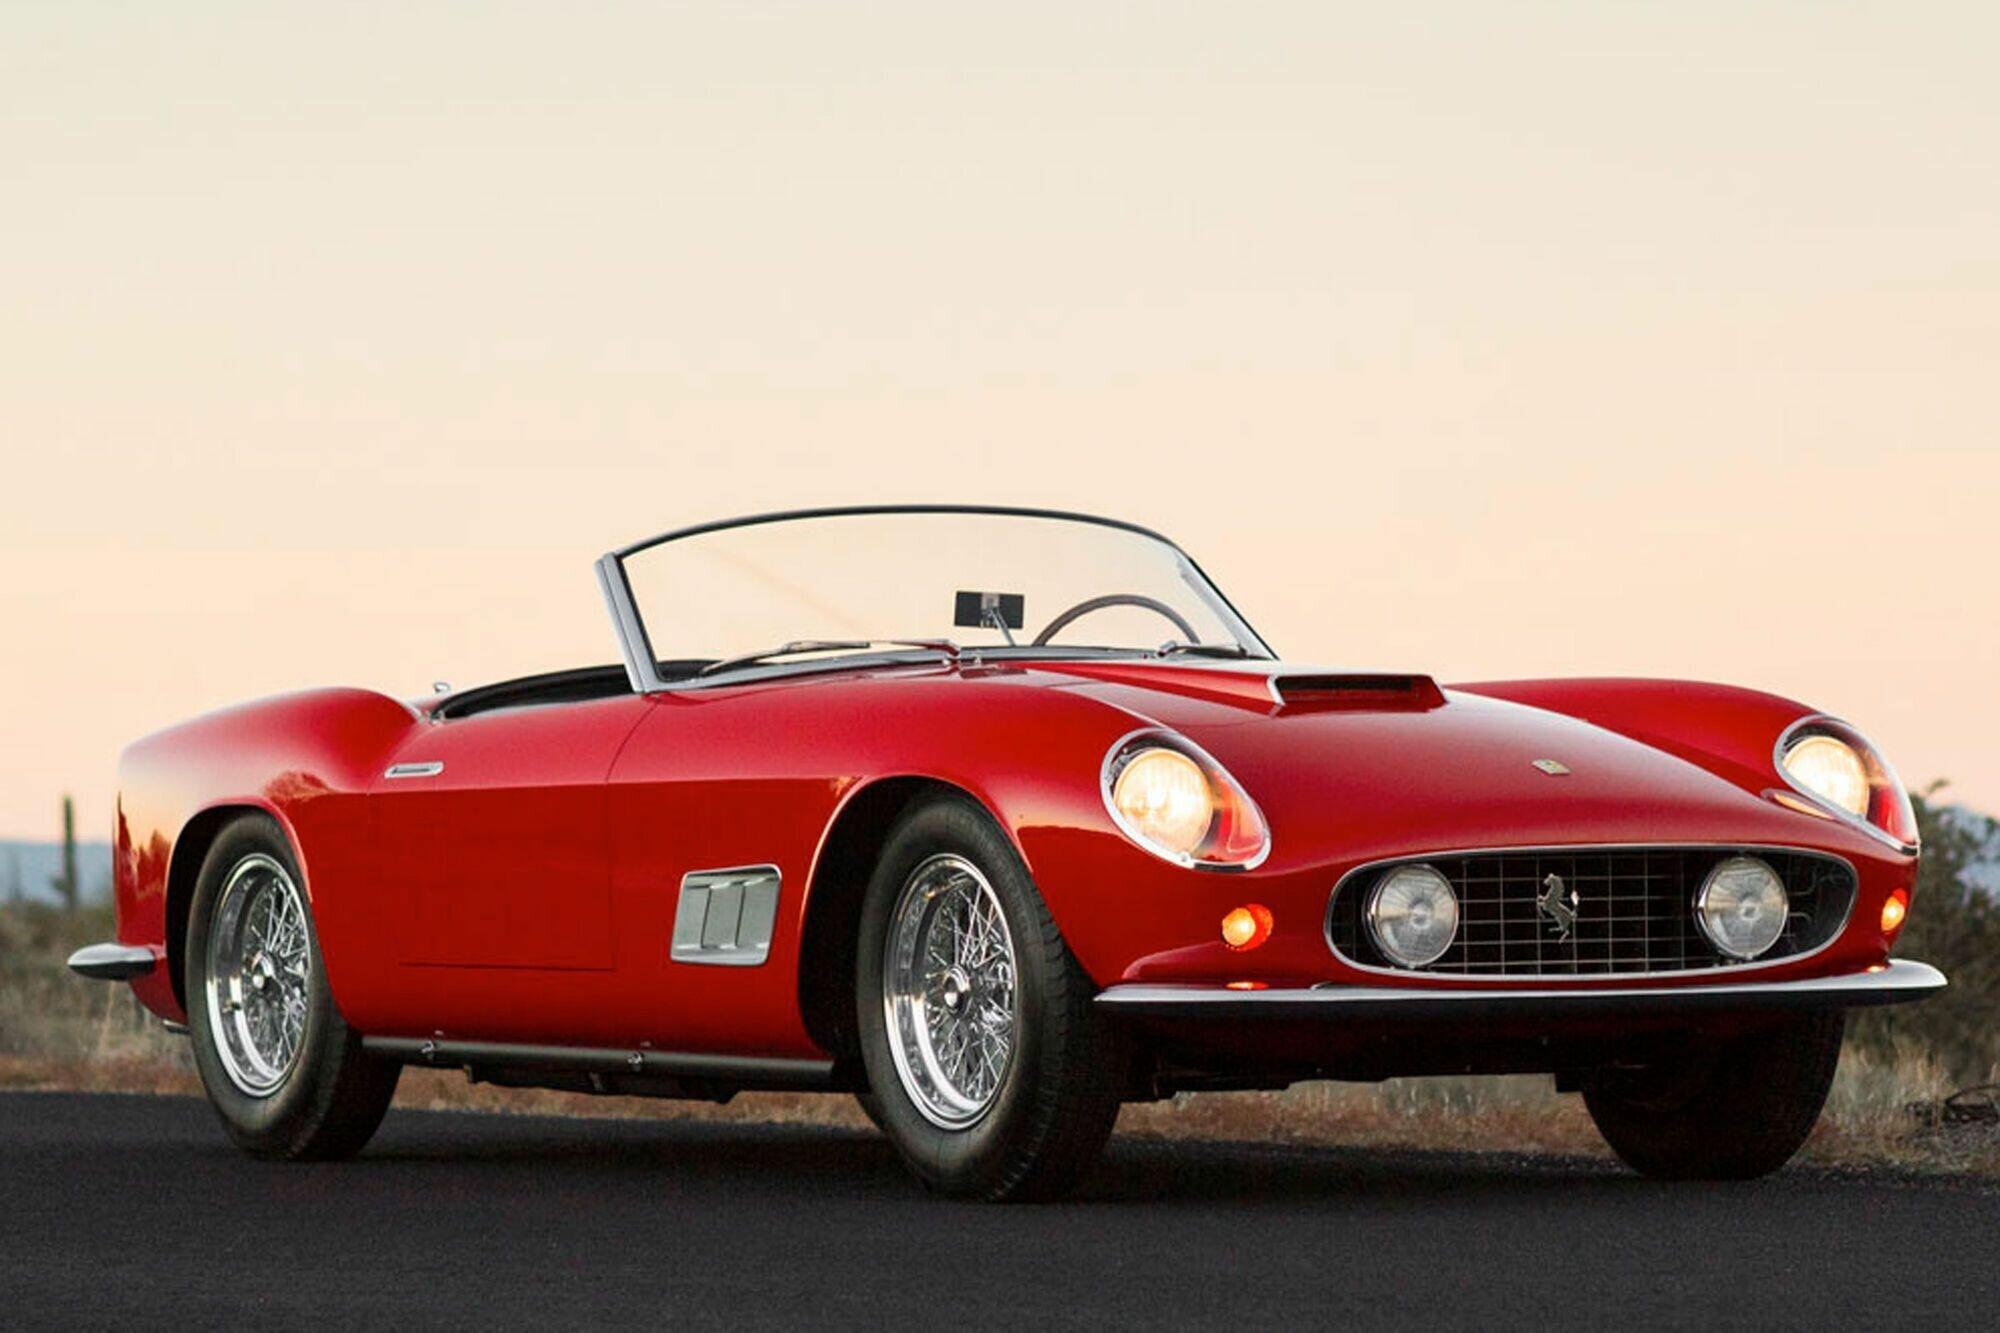 Ferrari 250 GT California Spyder SWB для рынка США